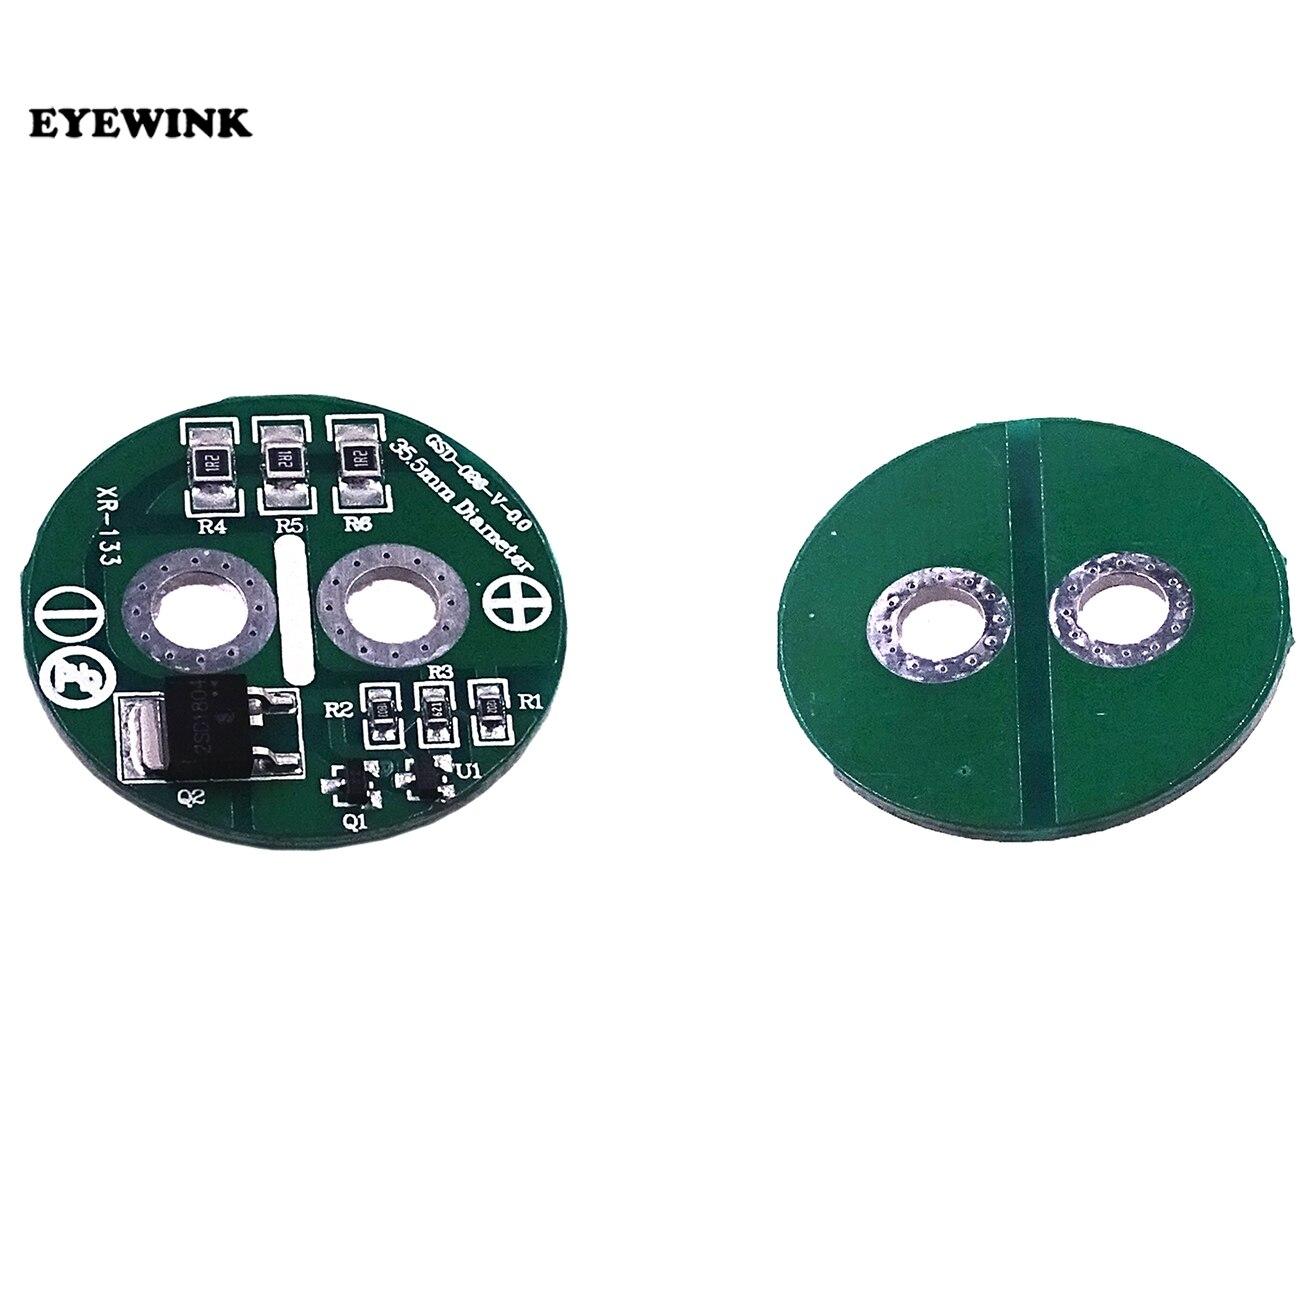 1 sztuk 3.5cm uniwersalny 2.7V 500F super kondensator równoważenia moduł ochrony elementy elektryczne